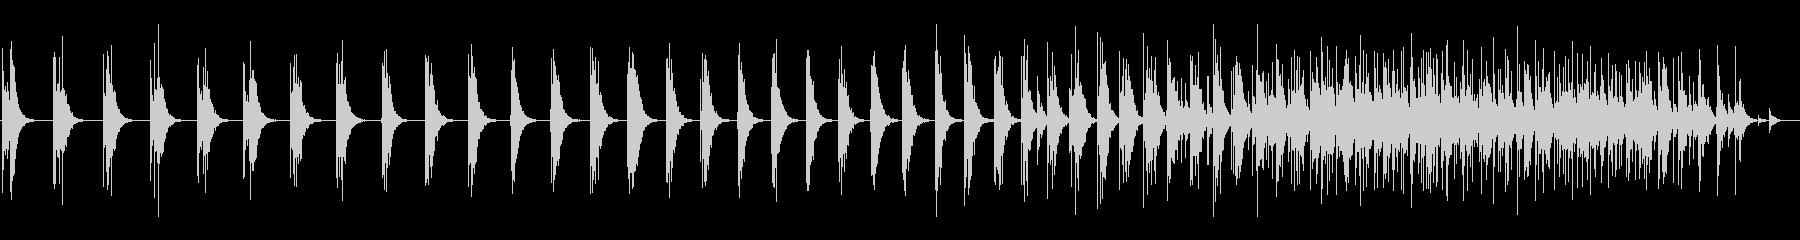 スモールスタジオオーディエンス:男...の未再生の波形